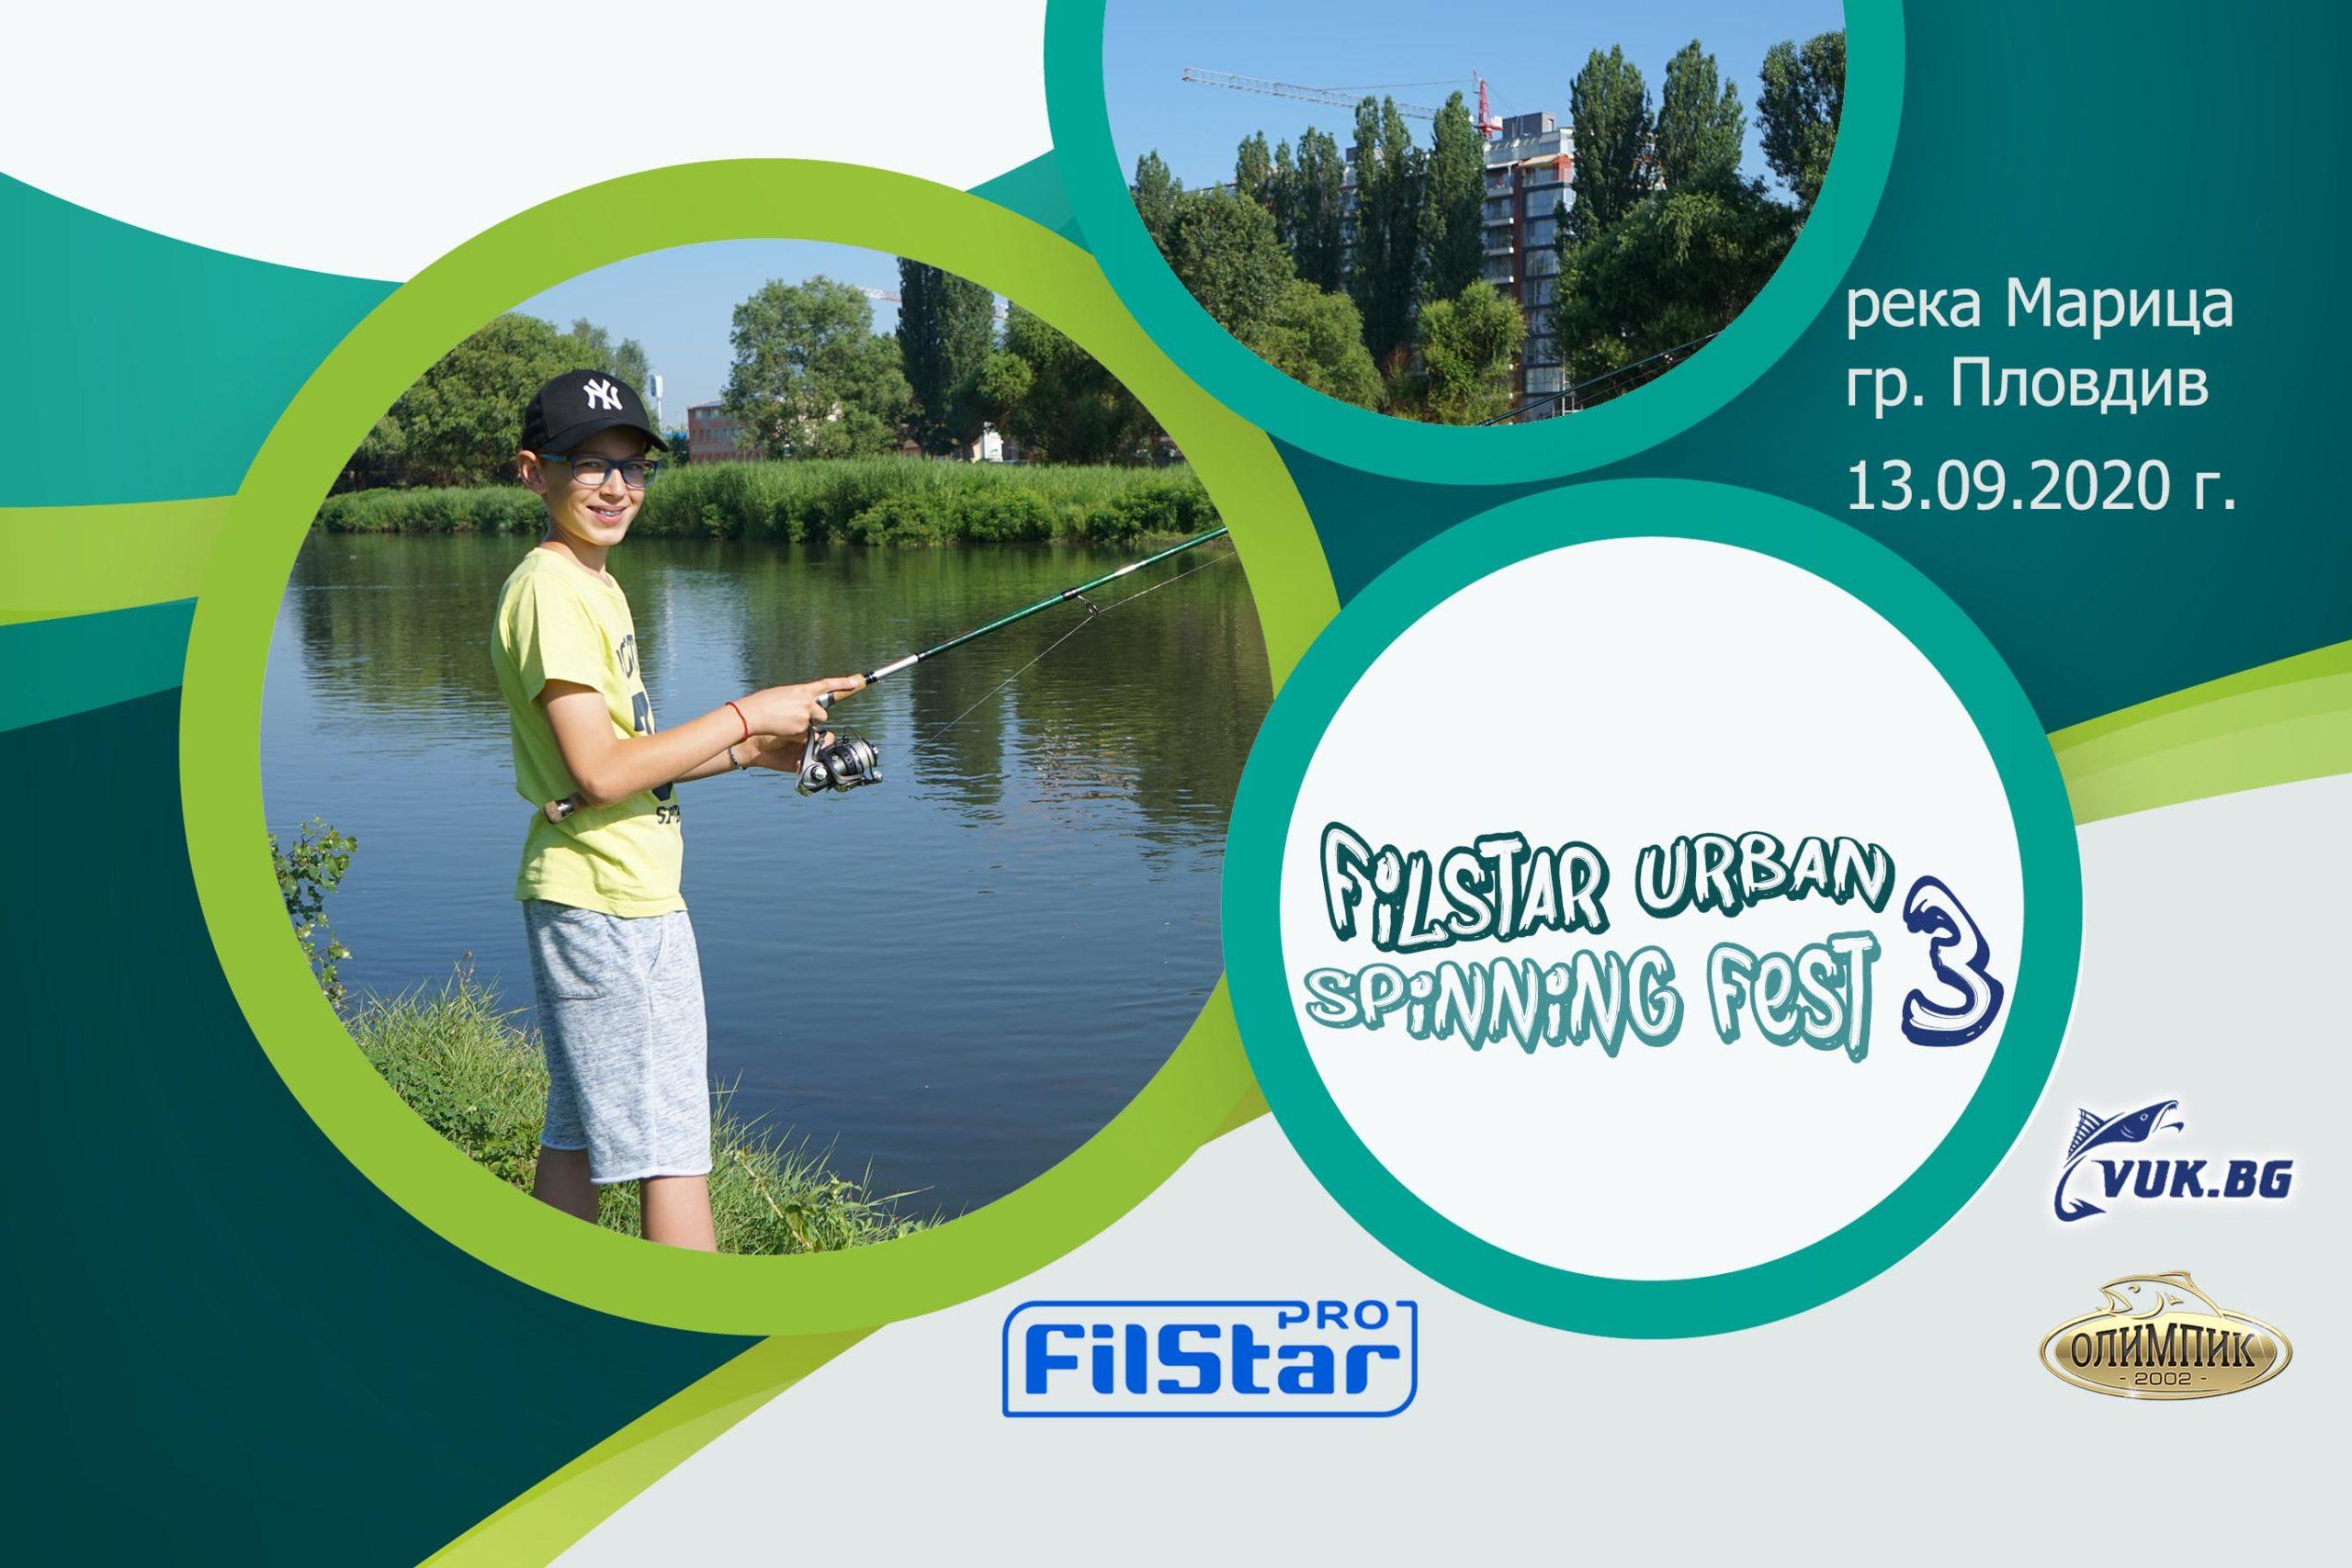 FilStar Urban Spinning Fest 3 - регламент